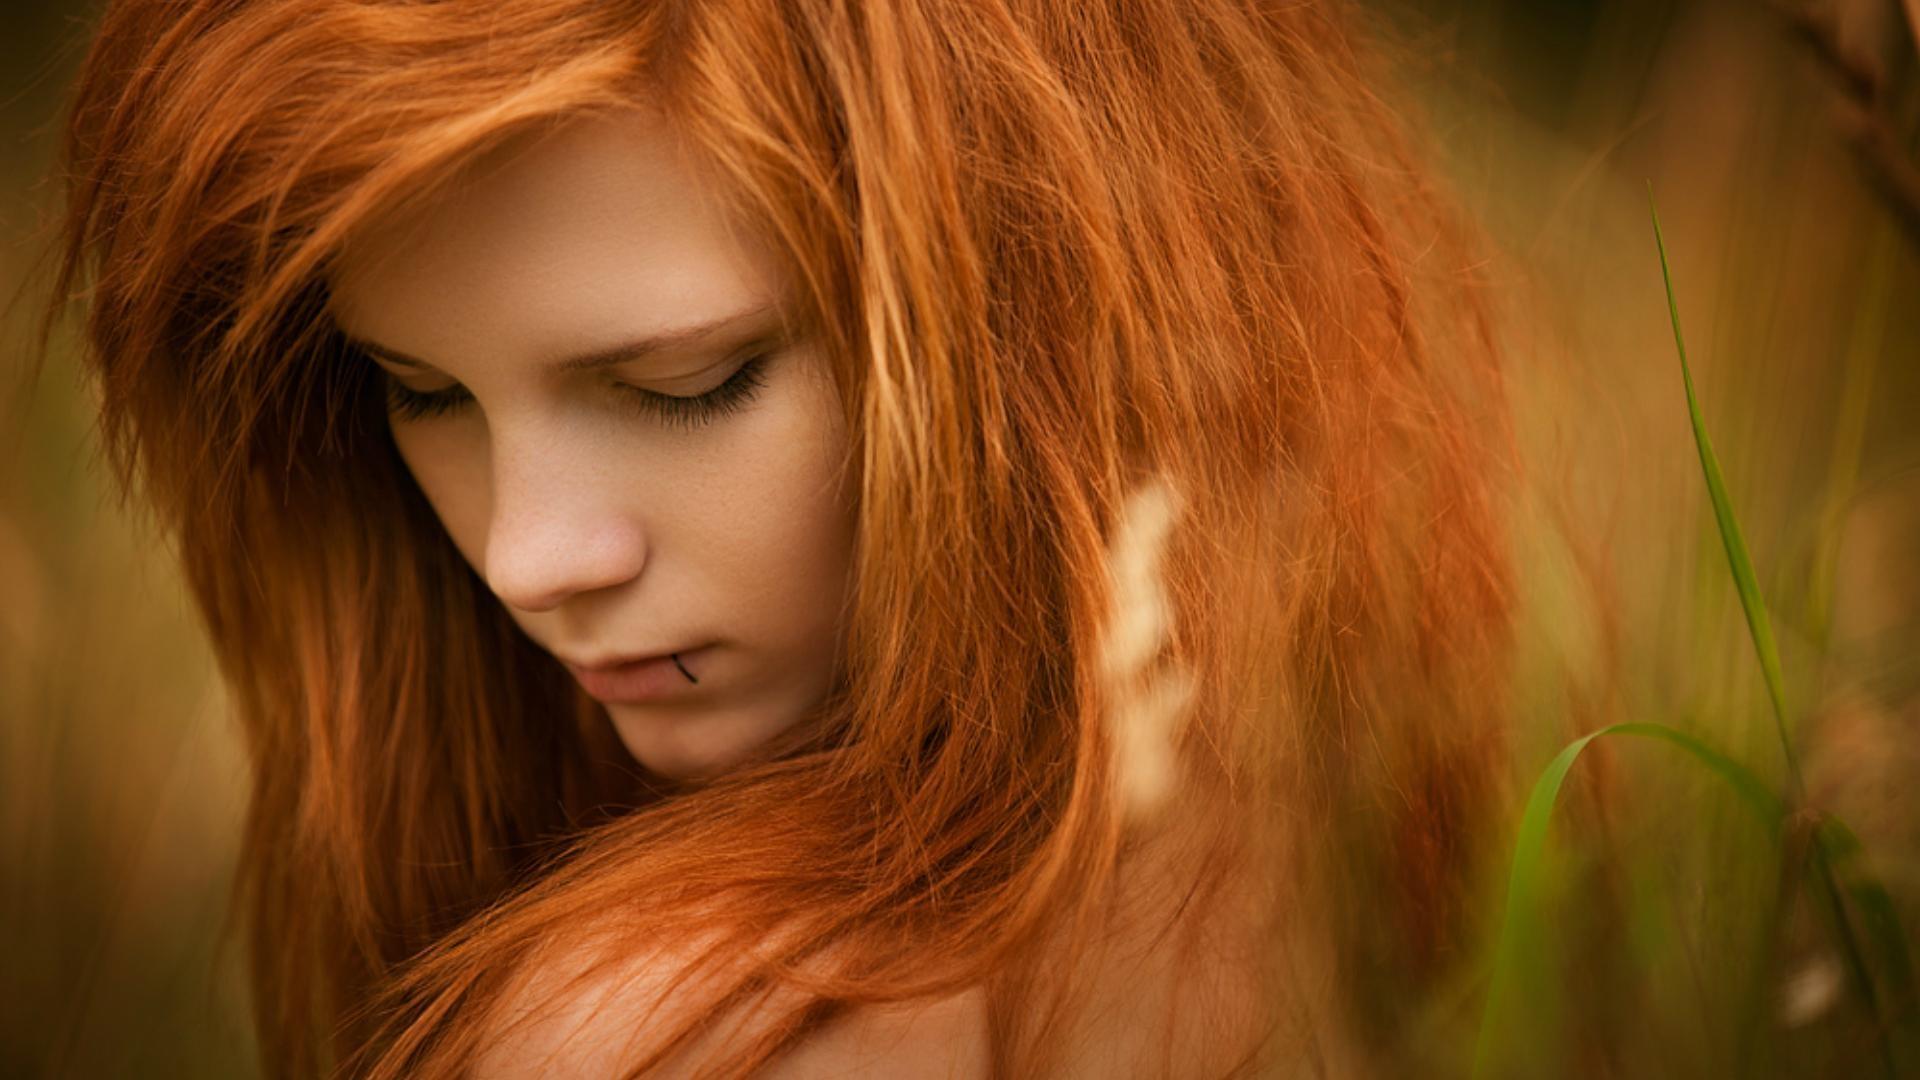 Фотографии рыжих красивых девушек 1 фотография